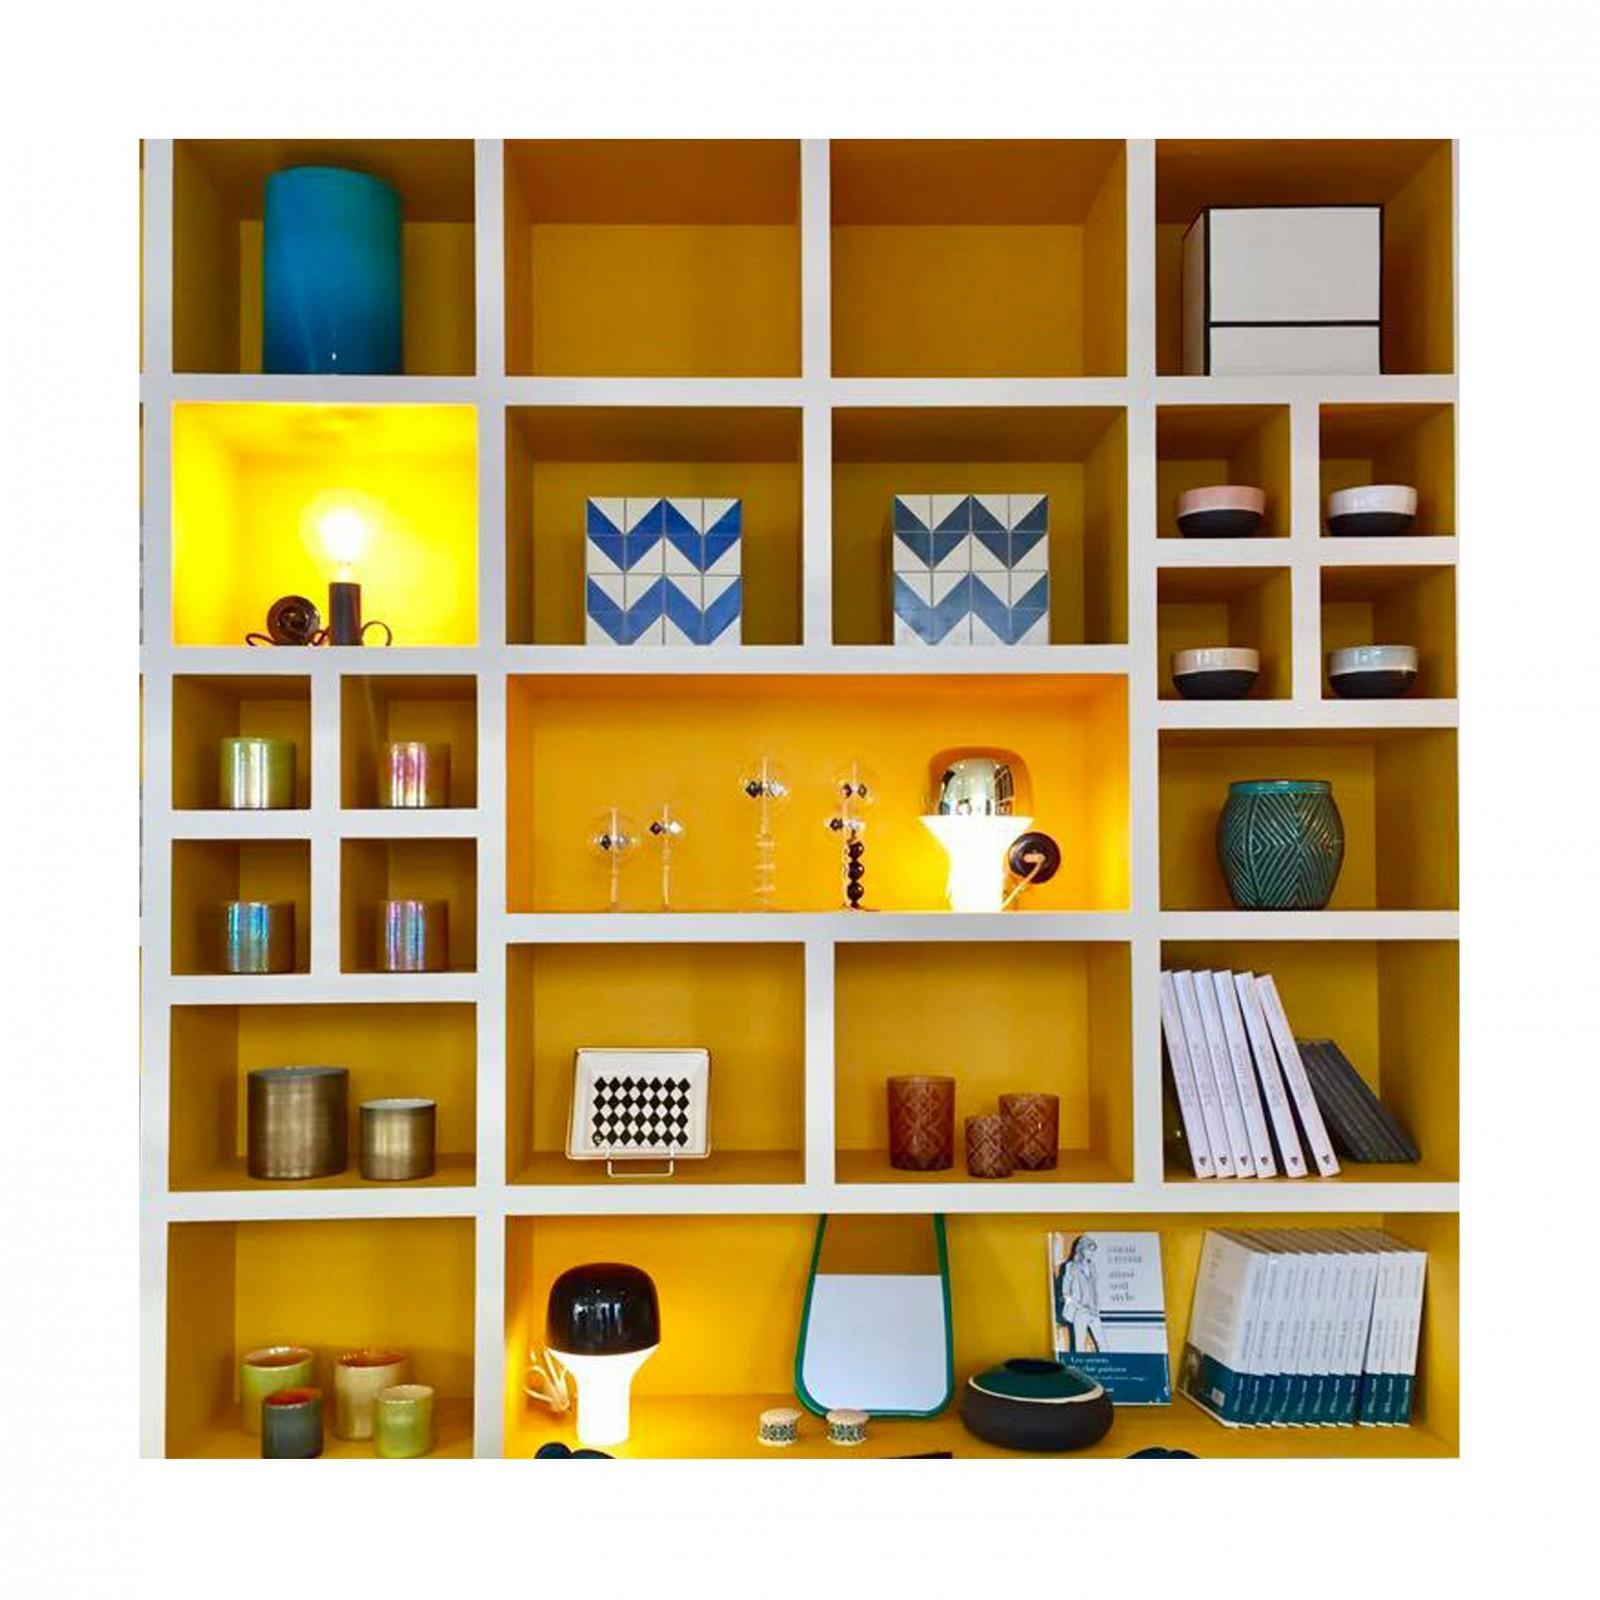 couleur confort lumi re sarah lavoine nous livre ses cl s du style madame figaro. Black Bedroom Furniture Sets. Home Design Ideas